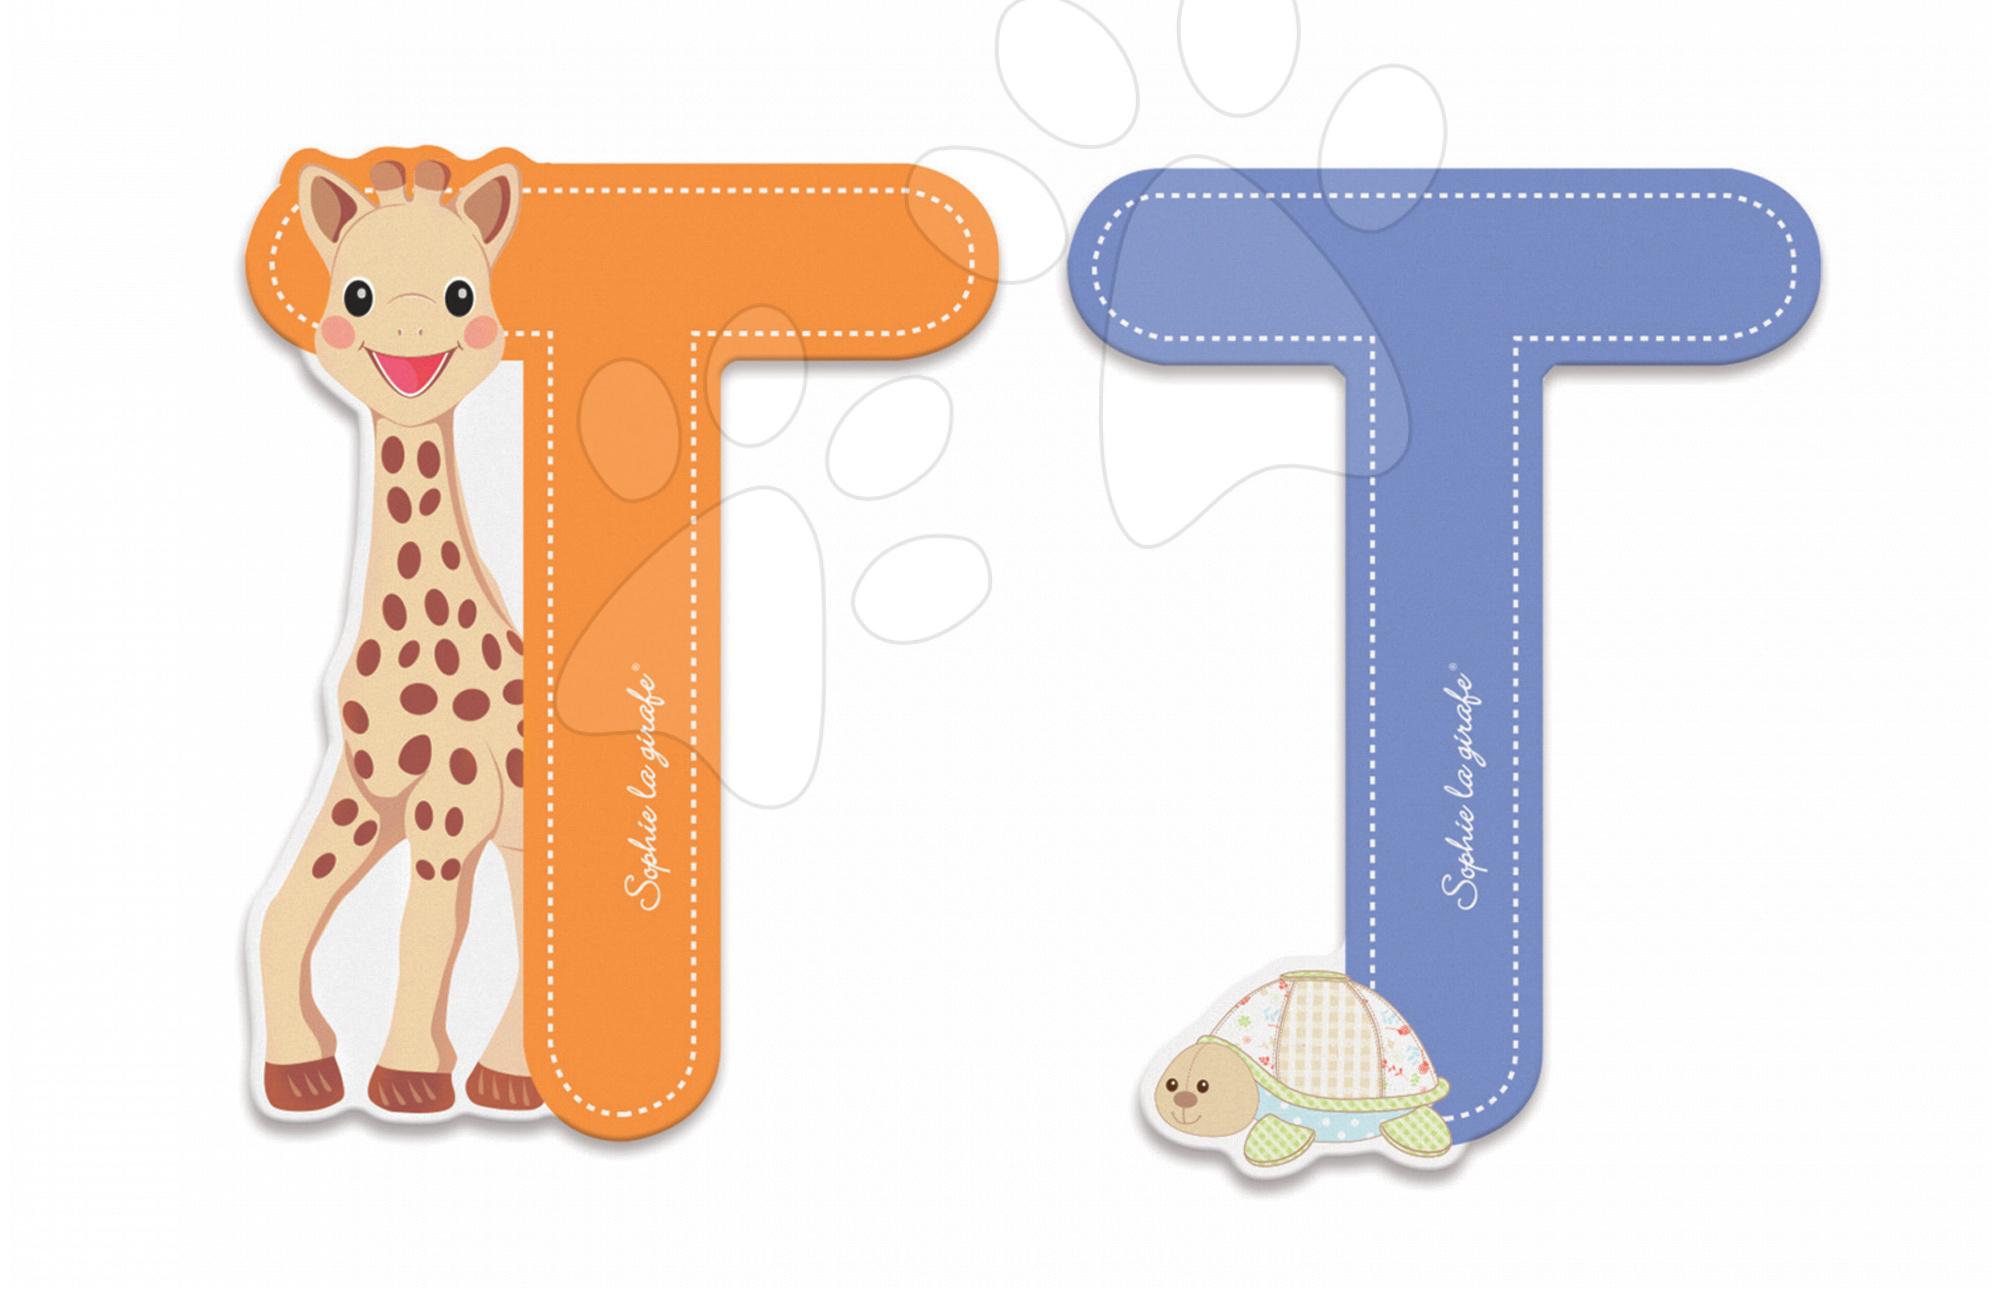 Dekorácie do detských izieb - Drevené písmeno T Sophie The Giraffe Janod lepiace 7 cm oranžové/modré od 3 rokov